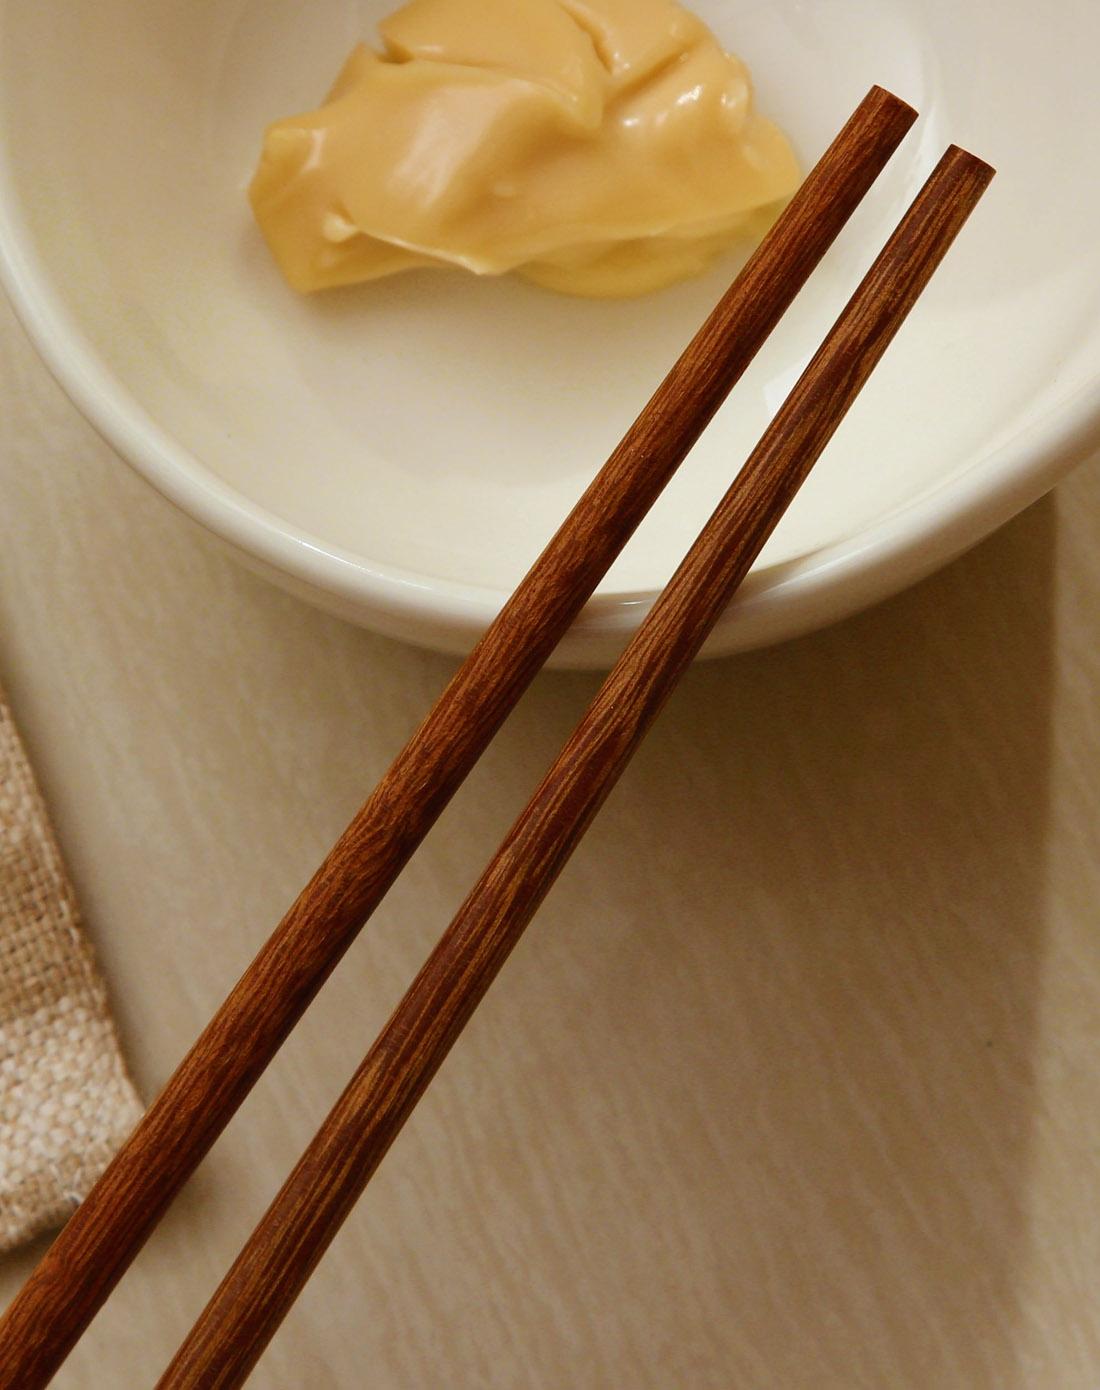 筷子鸡翅木